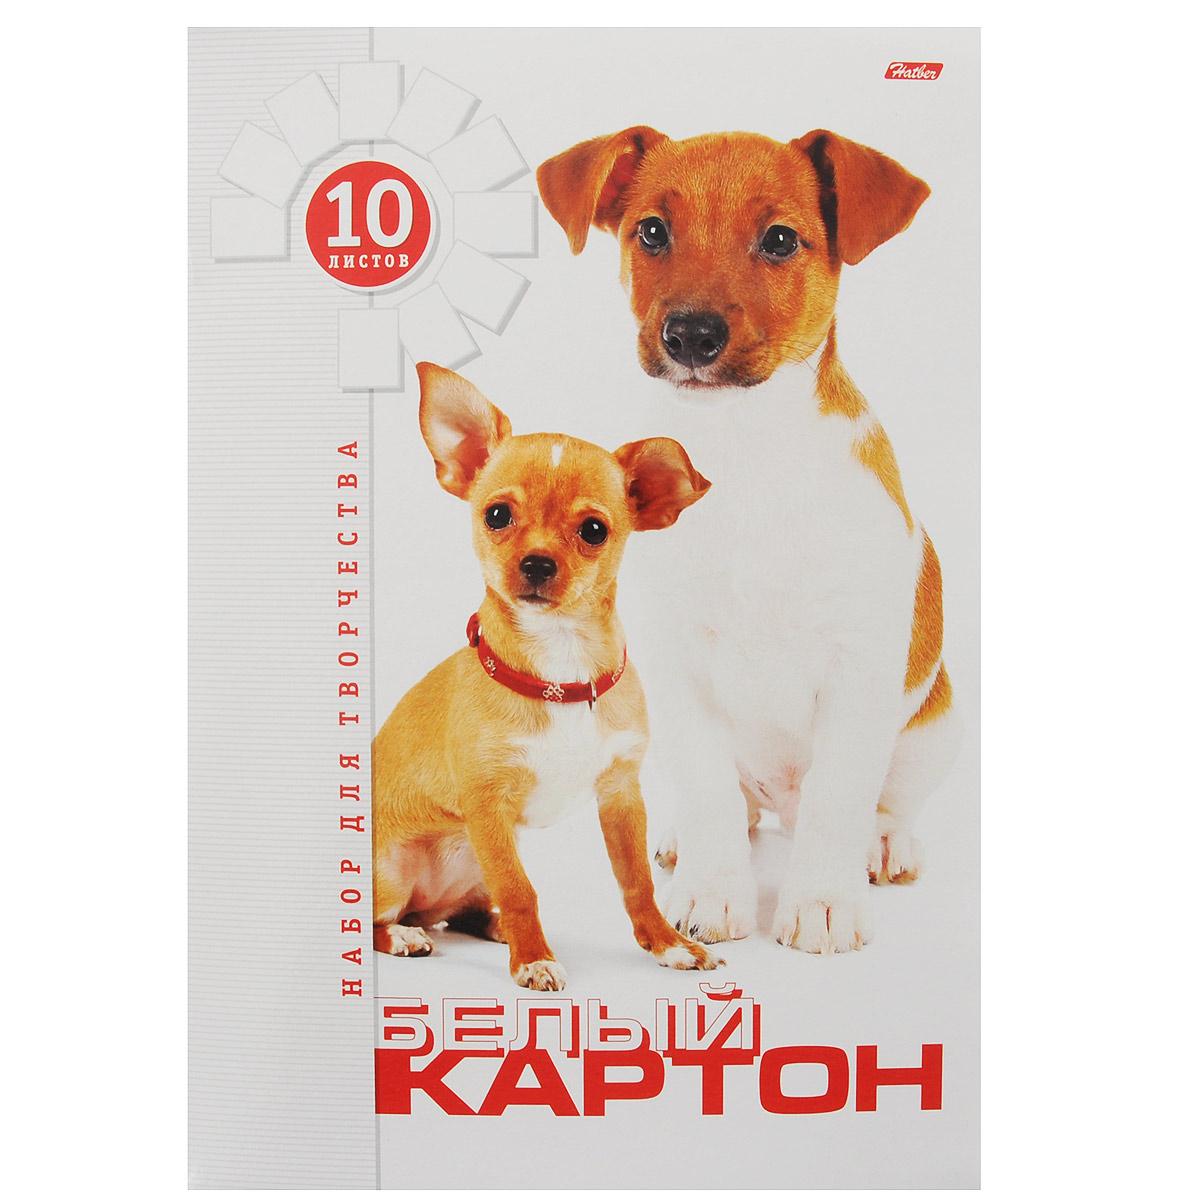 Картон Hatber Два щенка, цвет: белый, 10 листовSTP42020Картон Hatber Два щенка позволит вашему ребенку создавать всевозможные аппликации и поделки. Набор состоит из десяти листов картона белого цвета с полуглянцевым покрытием формата А4. Картон упакован в оригинальную картонную папку, оформленную изображением двух щенков. На внутренней стороне обложки расположена раскраска в виде доброго щенка.Создание поделок из картона поможет ребенку в развитии творческихспособностей, кроме того, это увлекательный досуг.Рекомендуемый возраст от 6 лет.